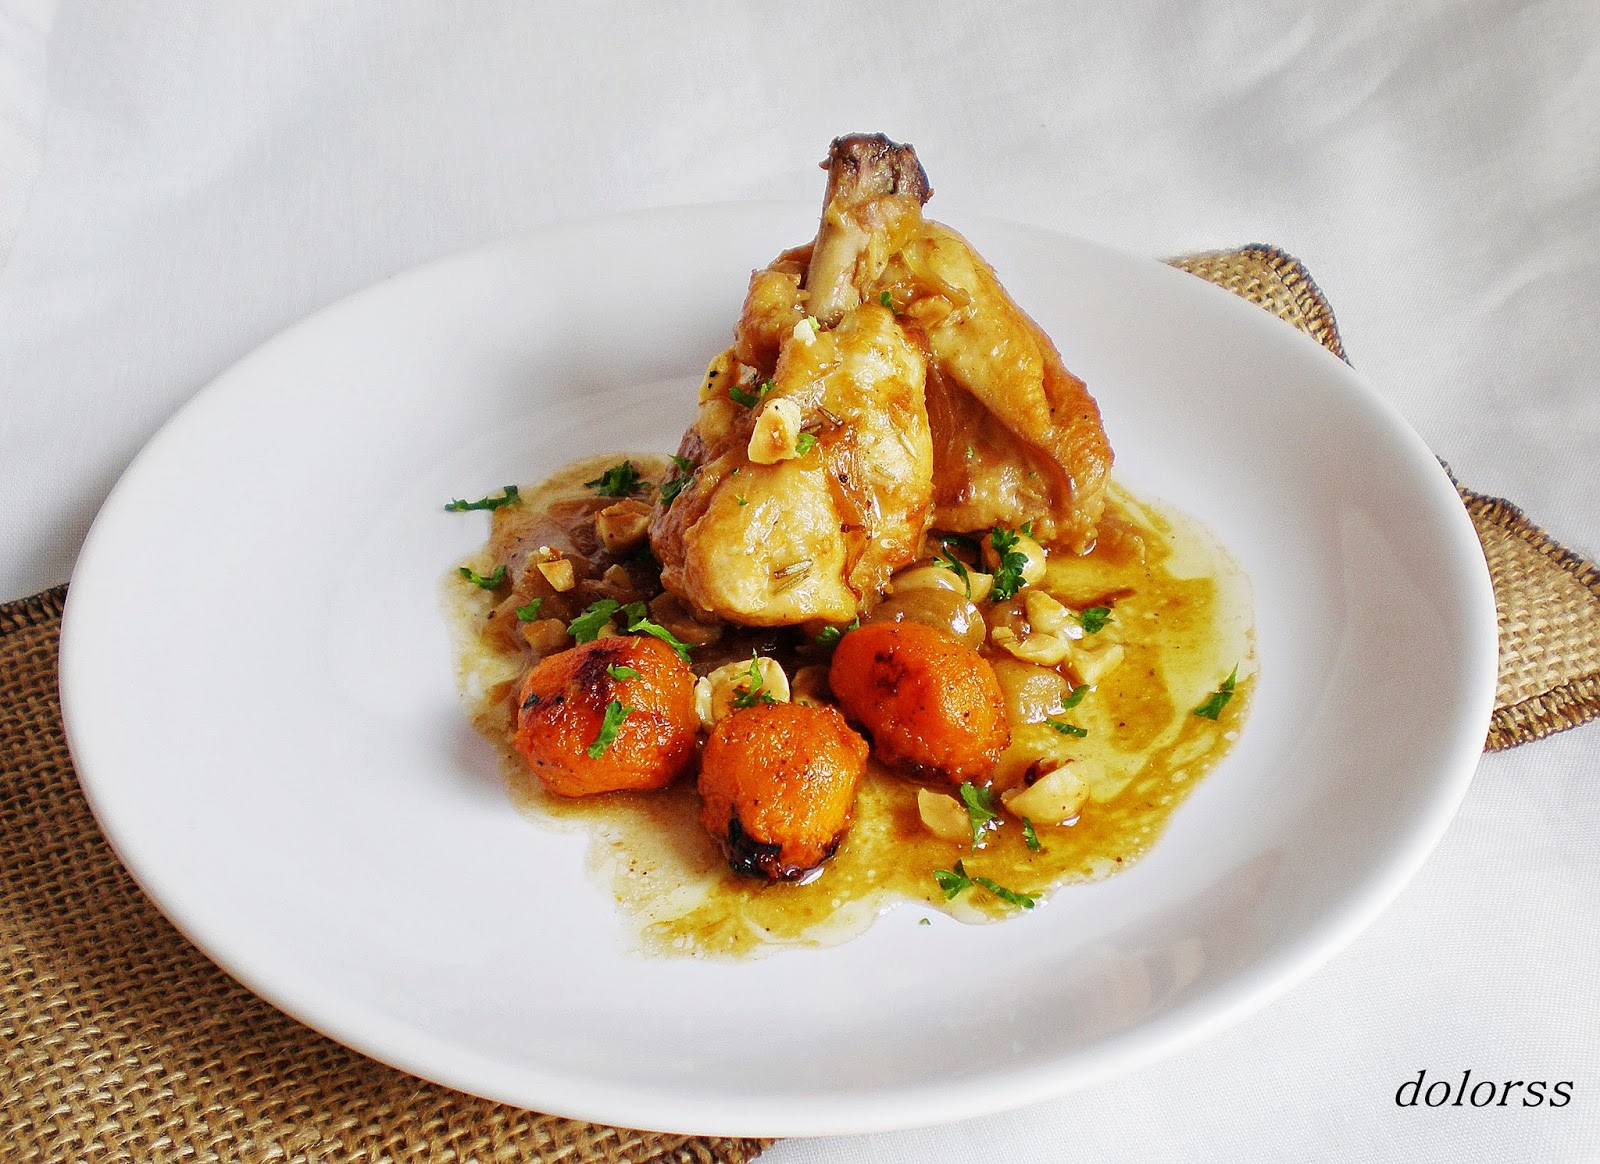 Blog de cuina de la dolorss pollo de corral encebollado a - Pollo de corral guisado ...